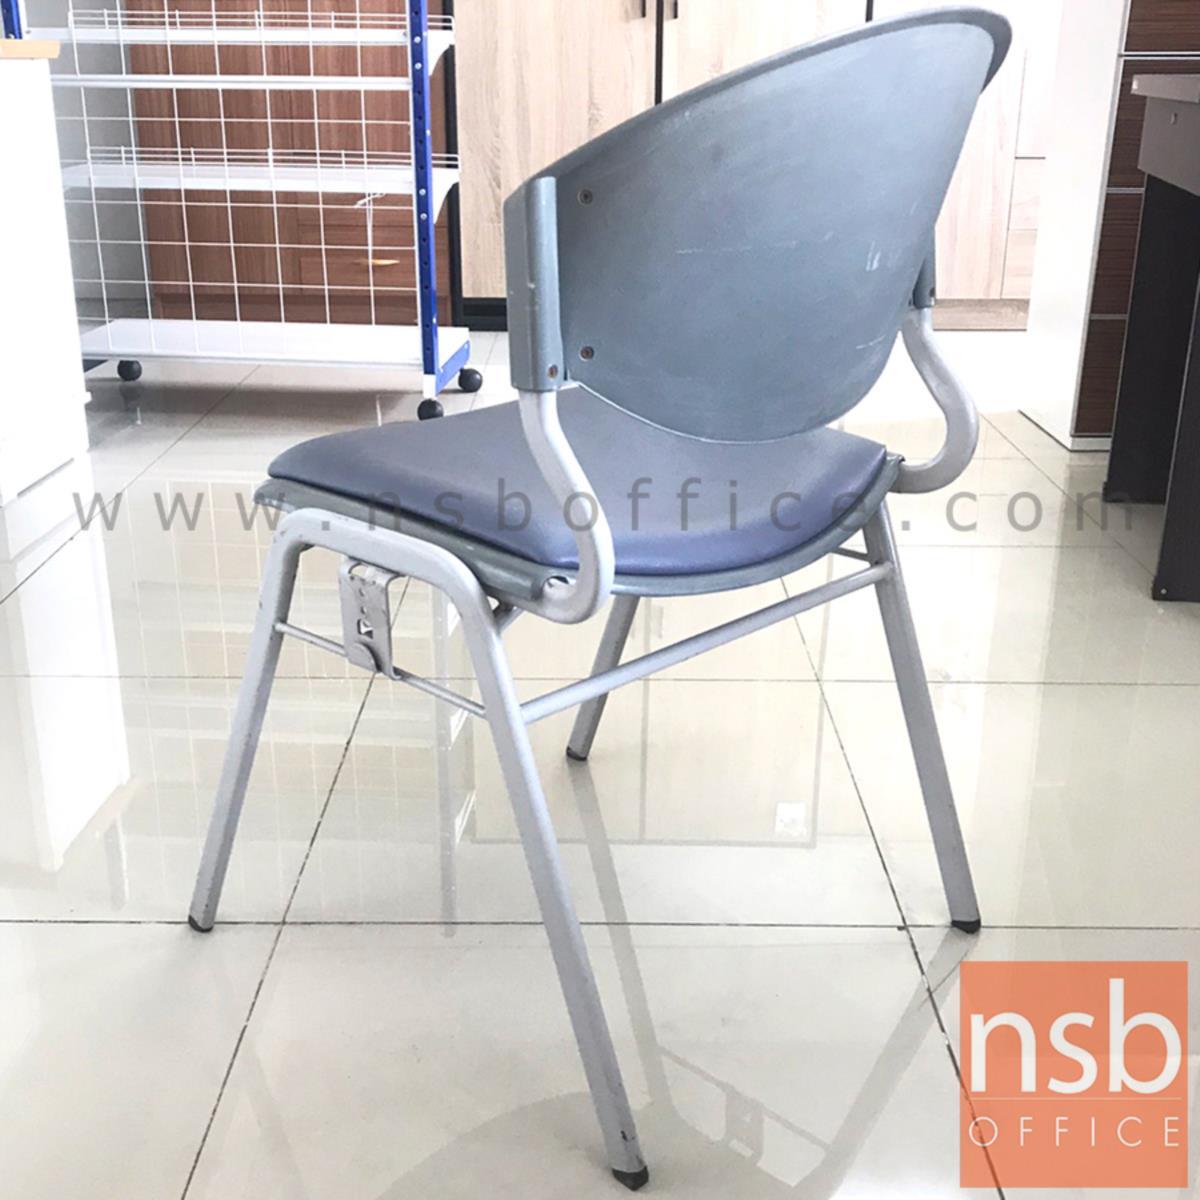 เก้าอี้อเนกประสงค์โพลี่  ขนาด 51W*82H cm. (STOCK-1 ตัว)